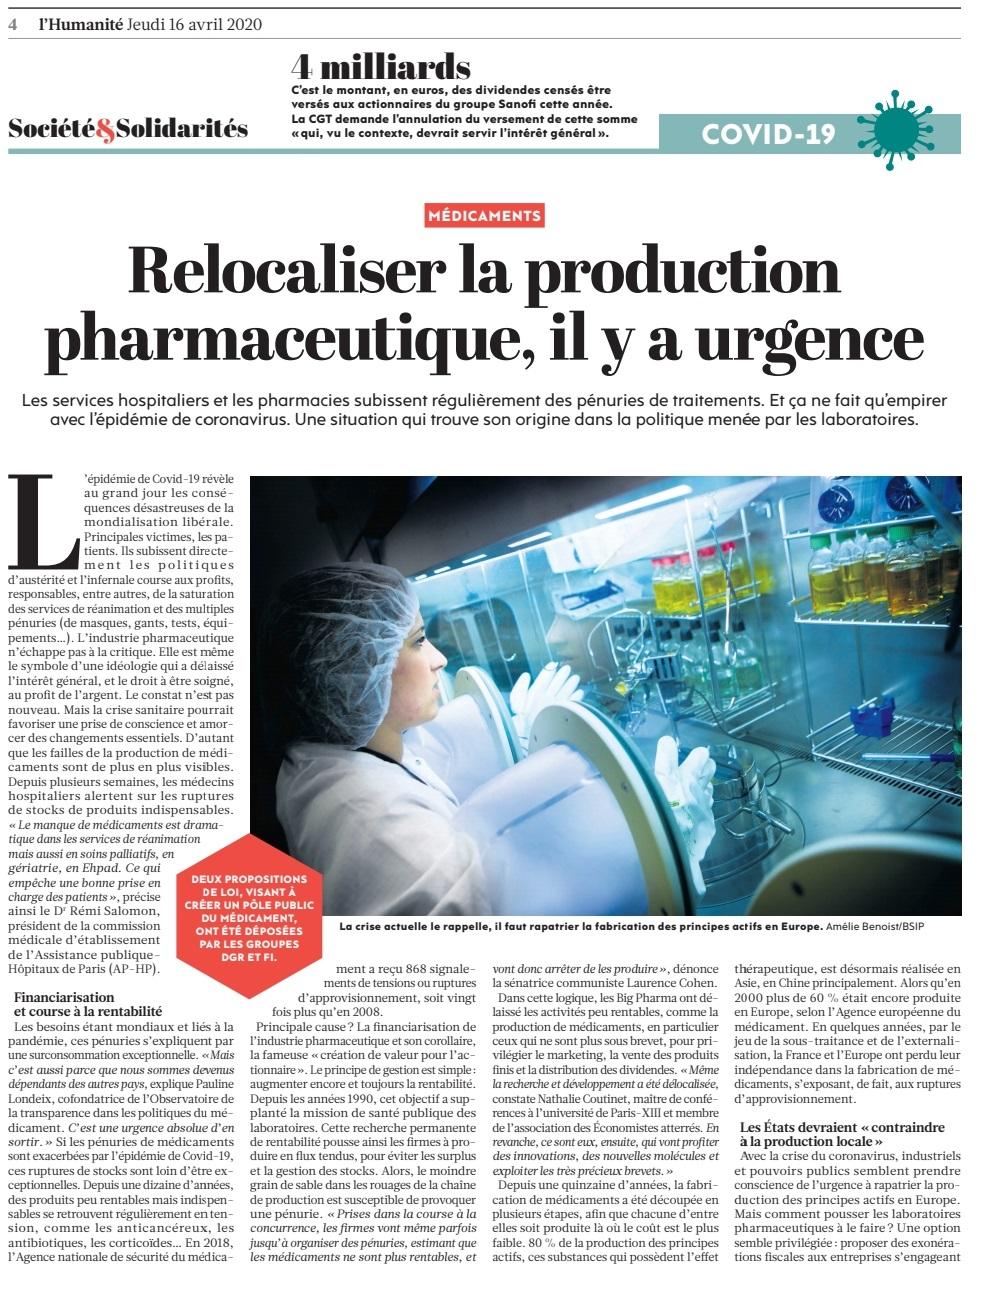 Humanité_pharmaceutique_1.jpg